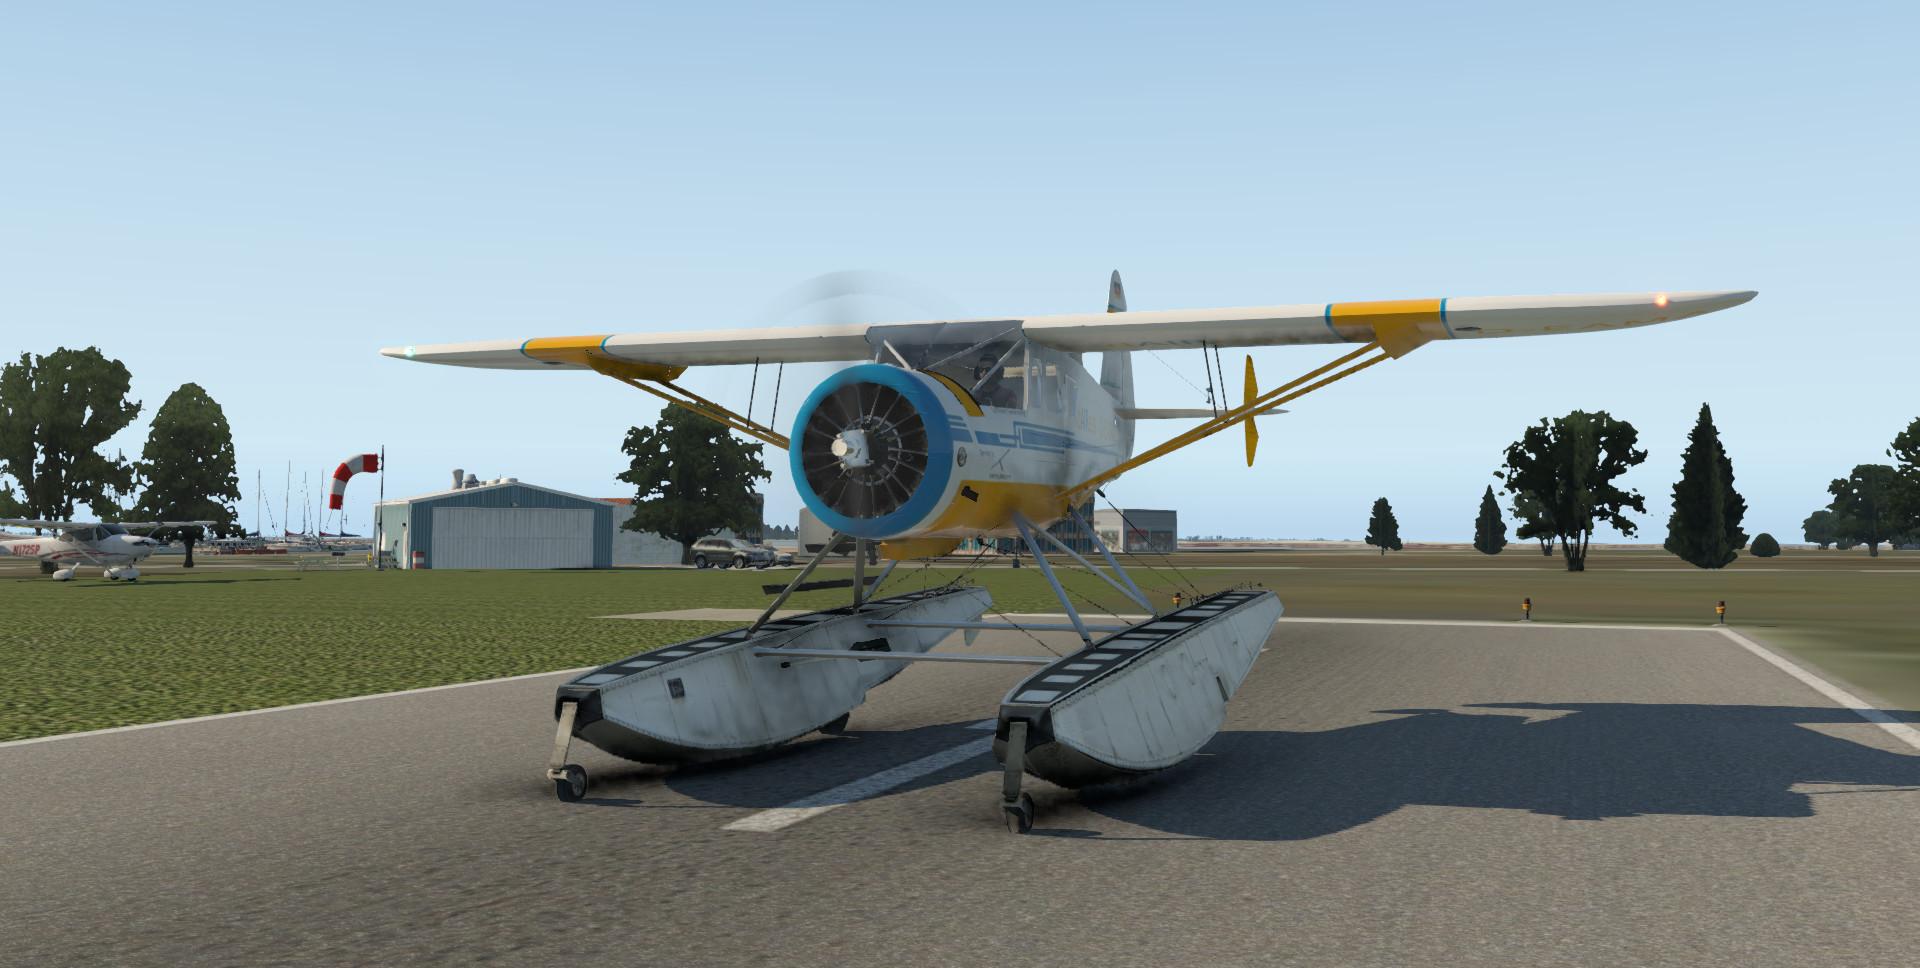 nordseerundflug-013mij7a.jpg